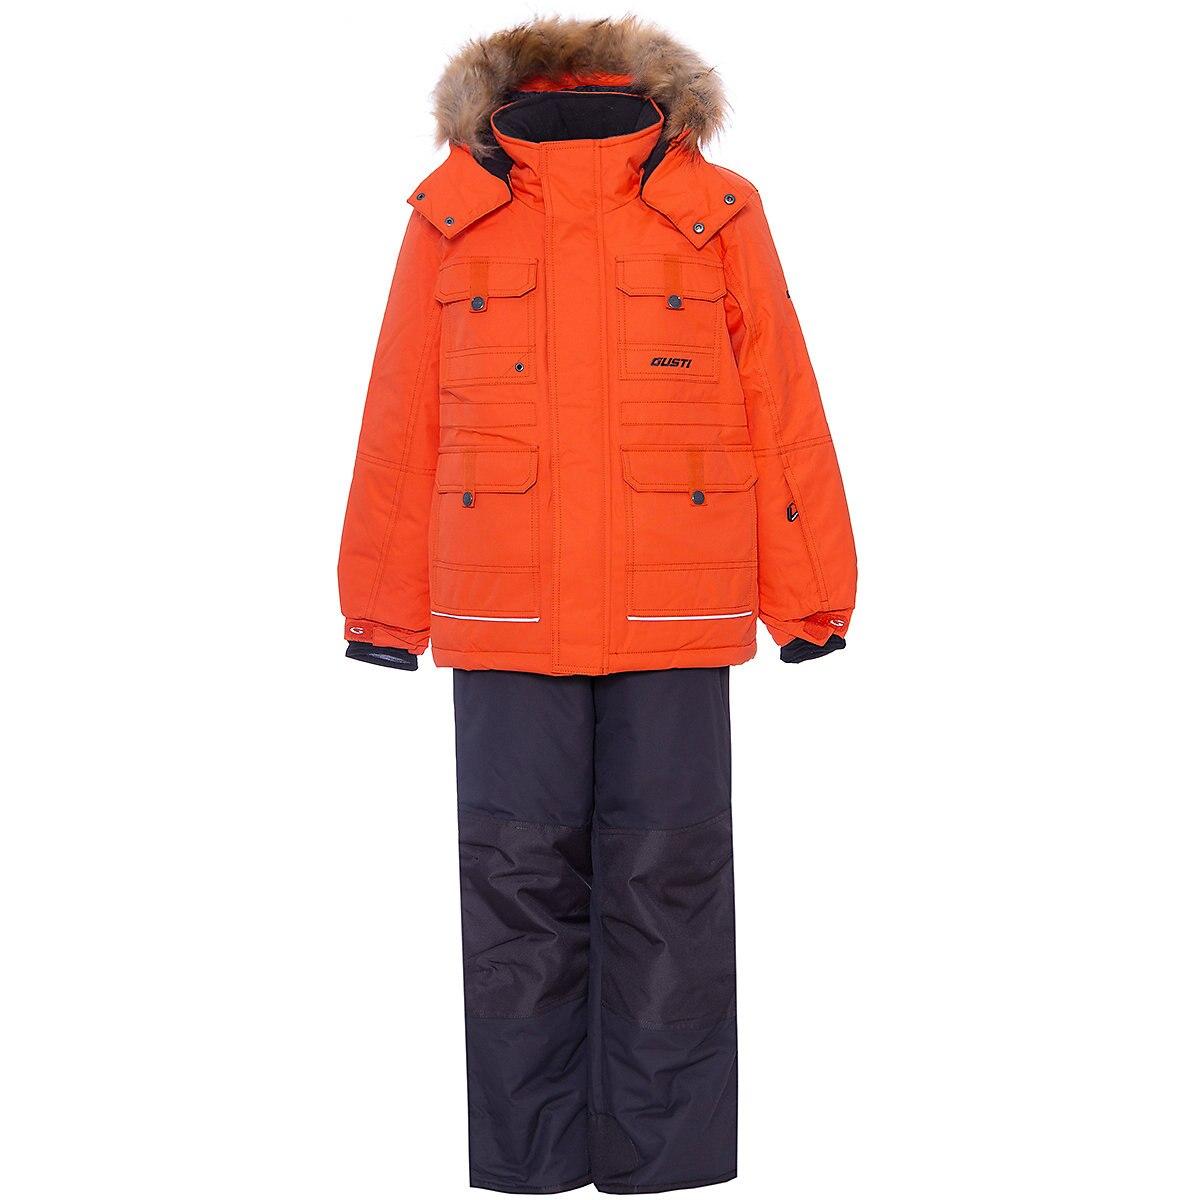 Gusti conjuntos de crianças 9512021 roupas para meninas conjunto vestido roupas de inverno menina crianças usar mtpromo